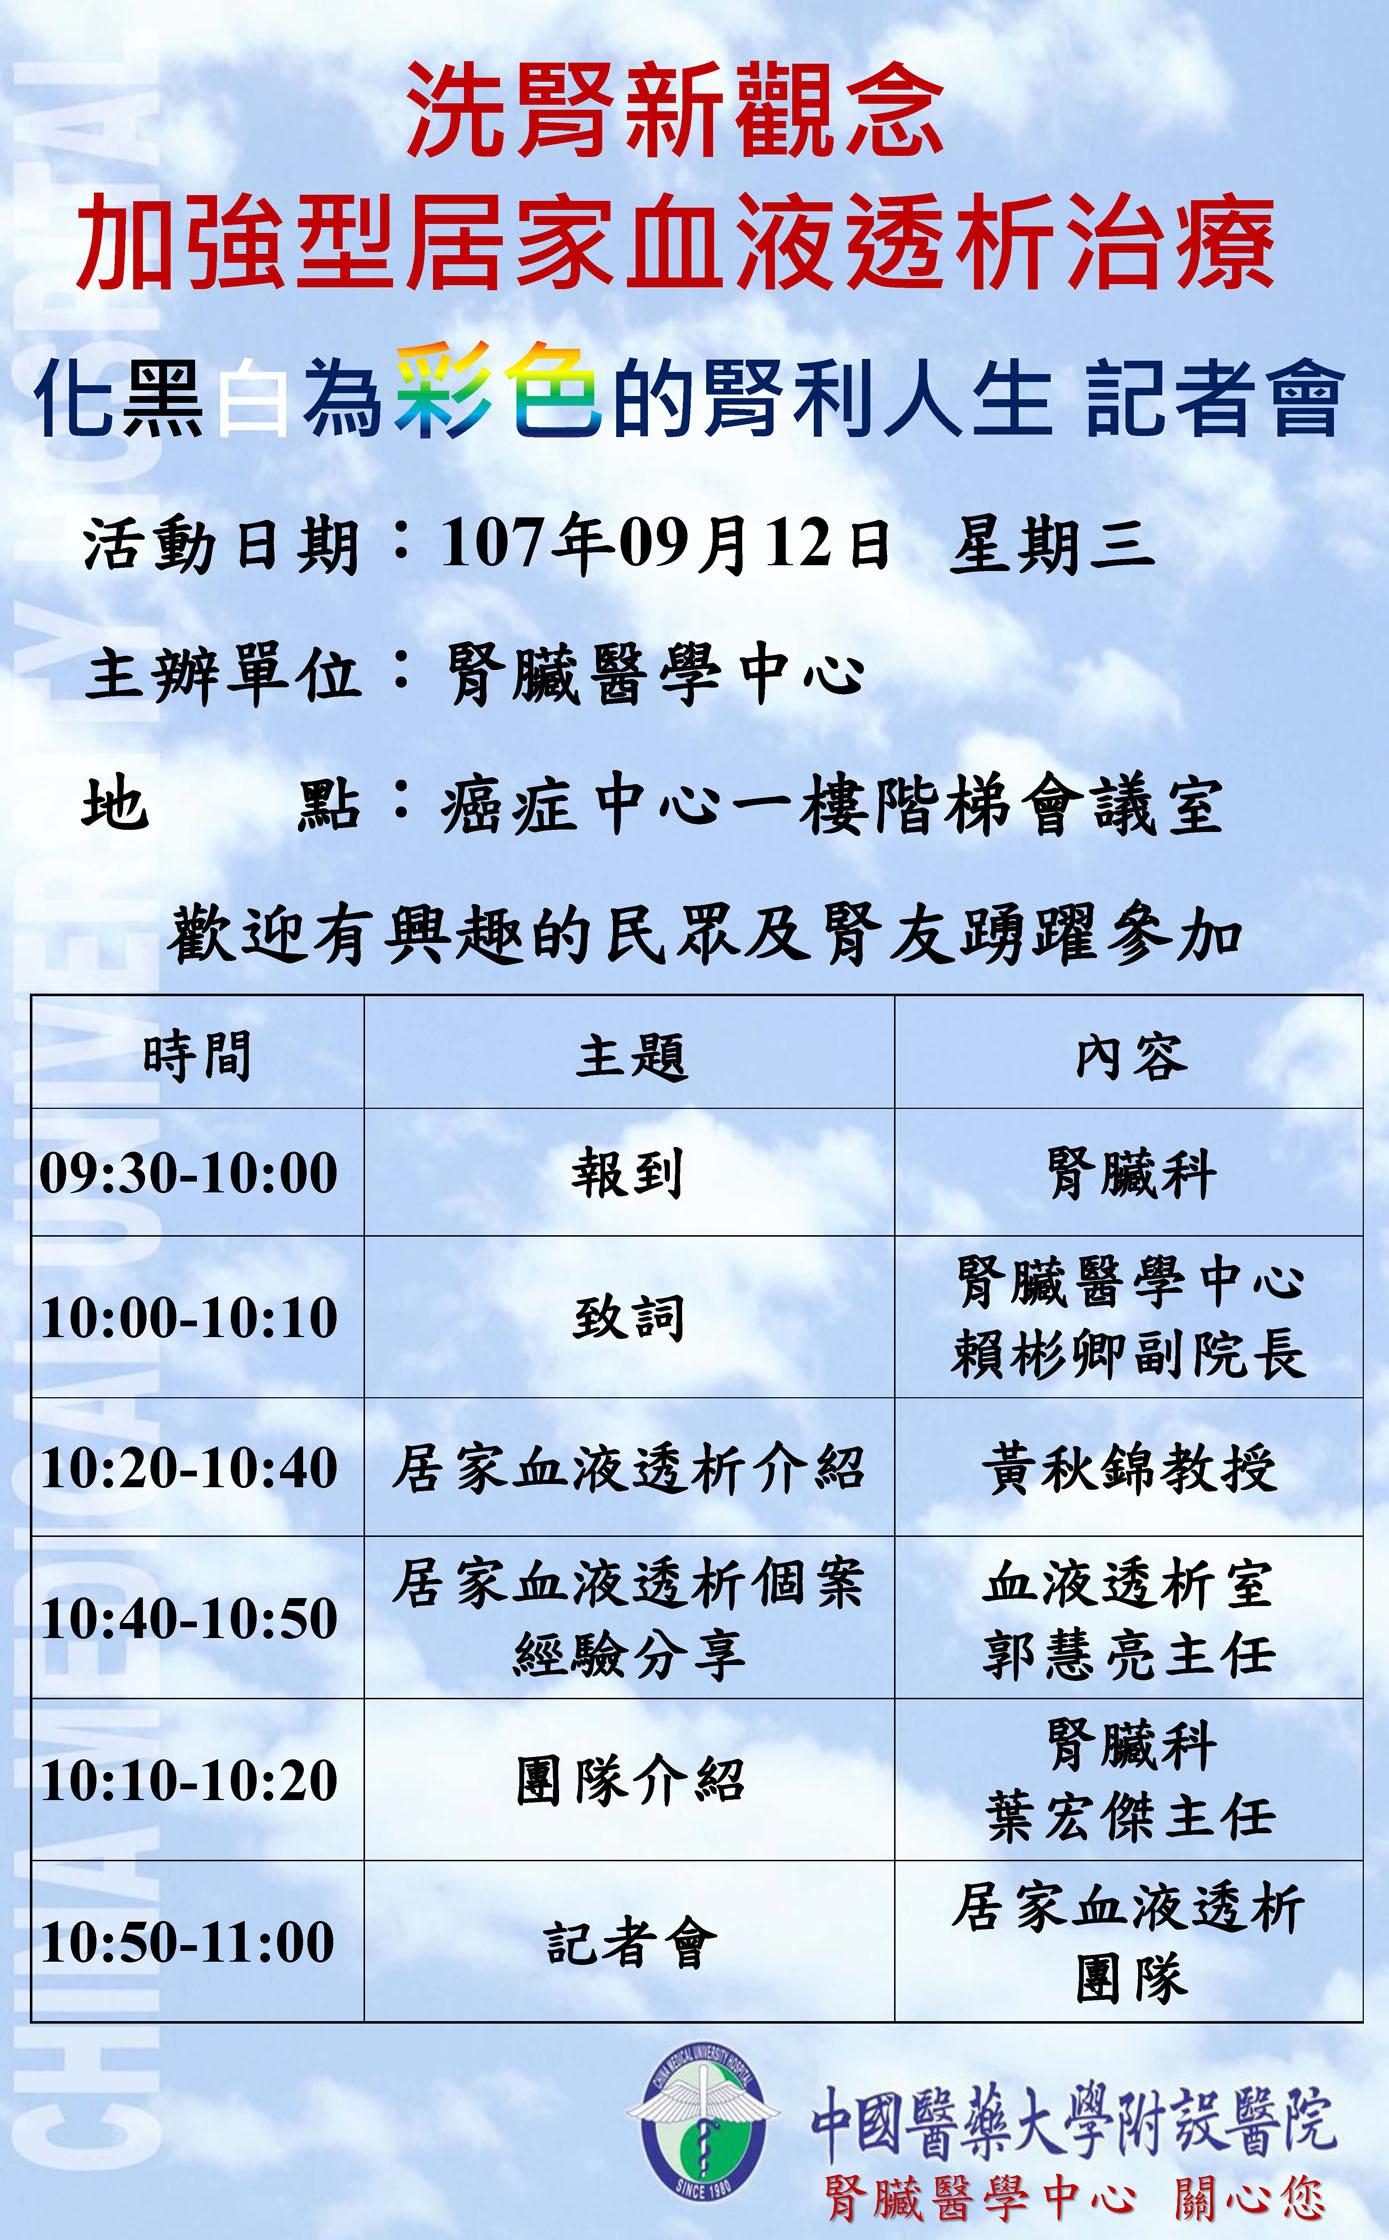 HHD0912中國醫藥大學記者會